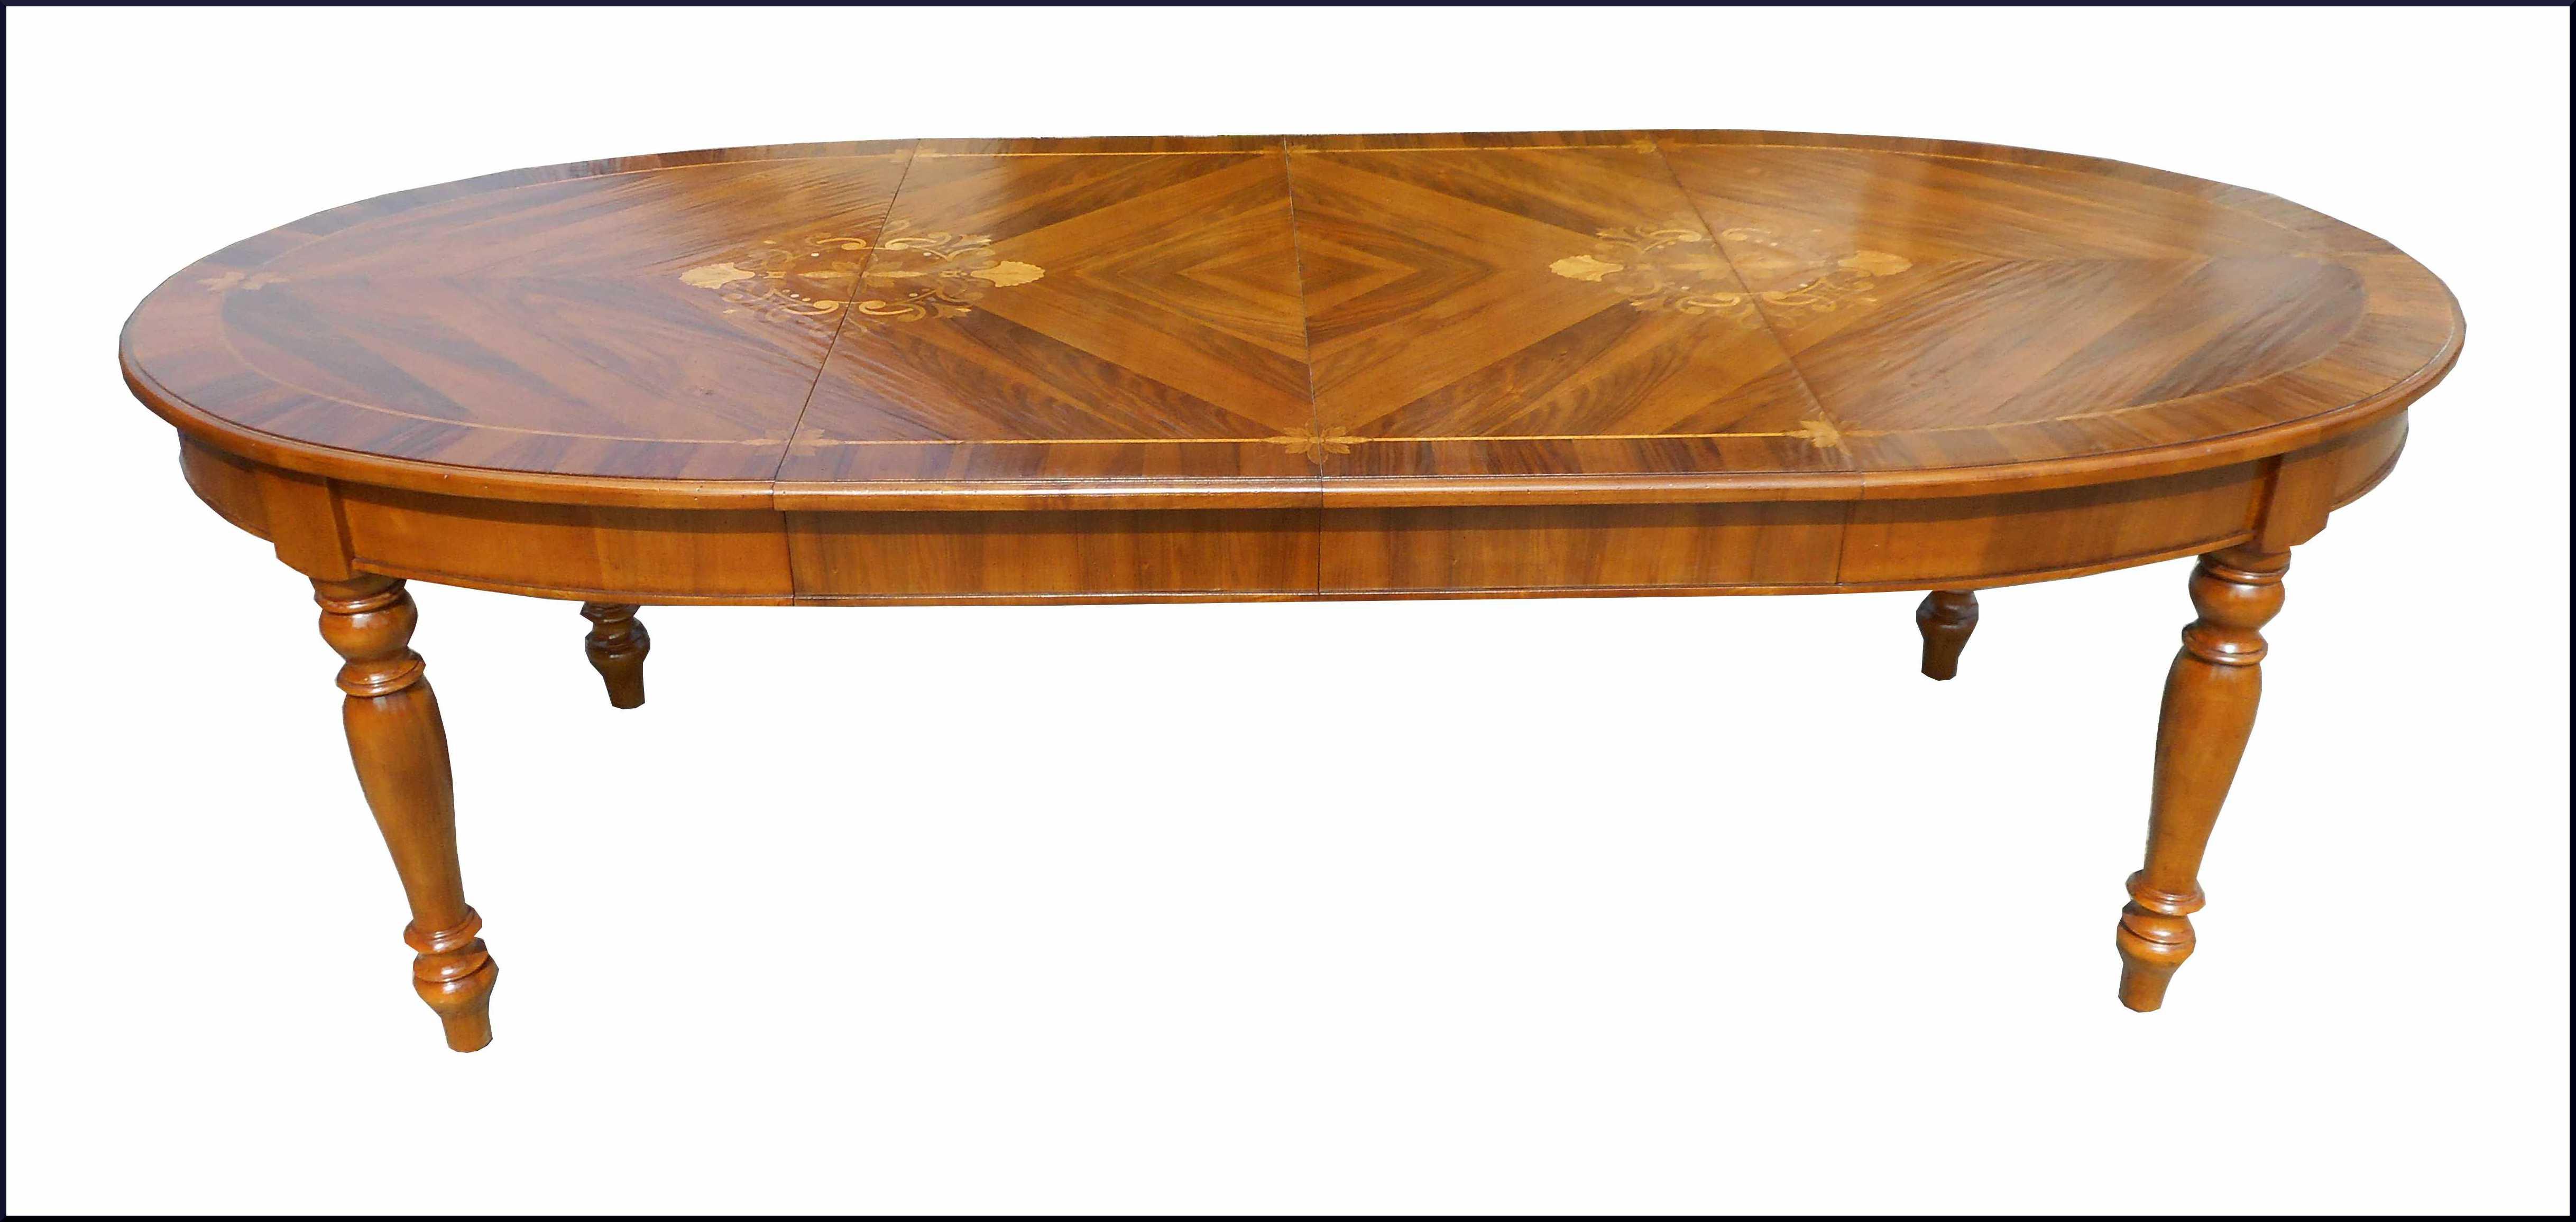 Elegante tavolo artigianale con piano intarsiato in madreperla la commode di davide corno - Tavoli ovali allungabili antichi ...